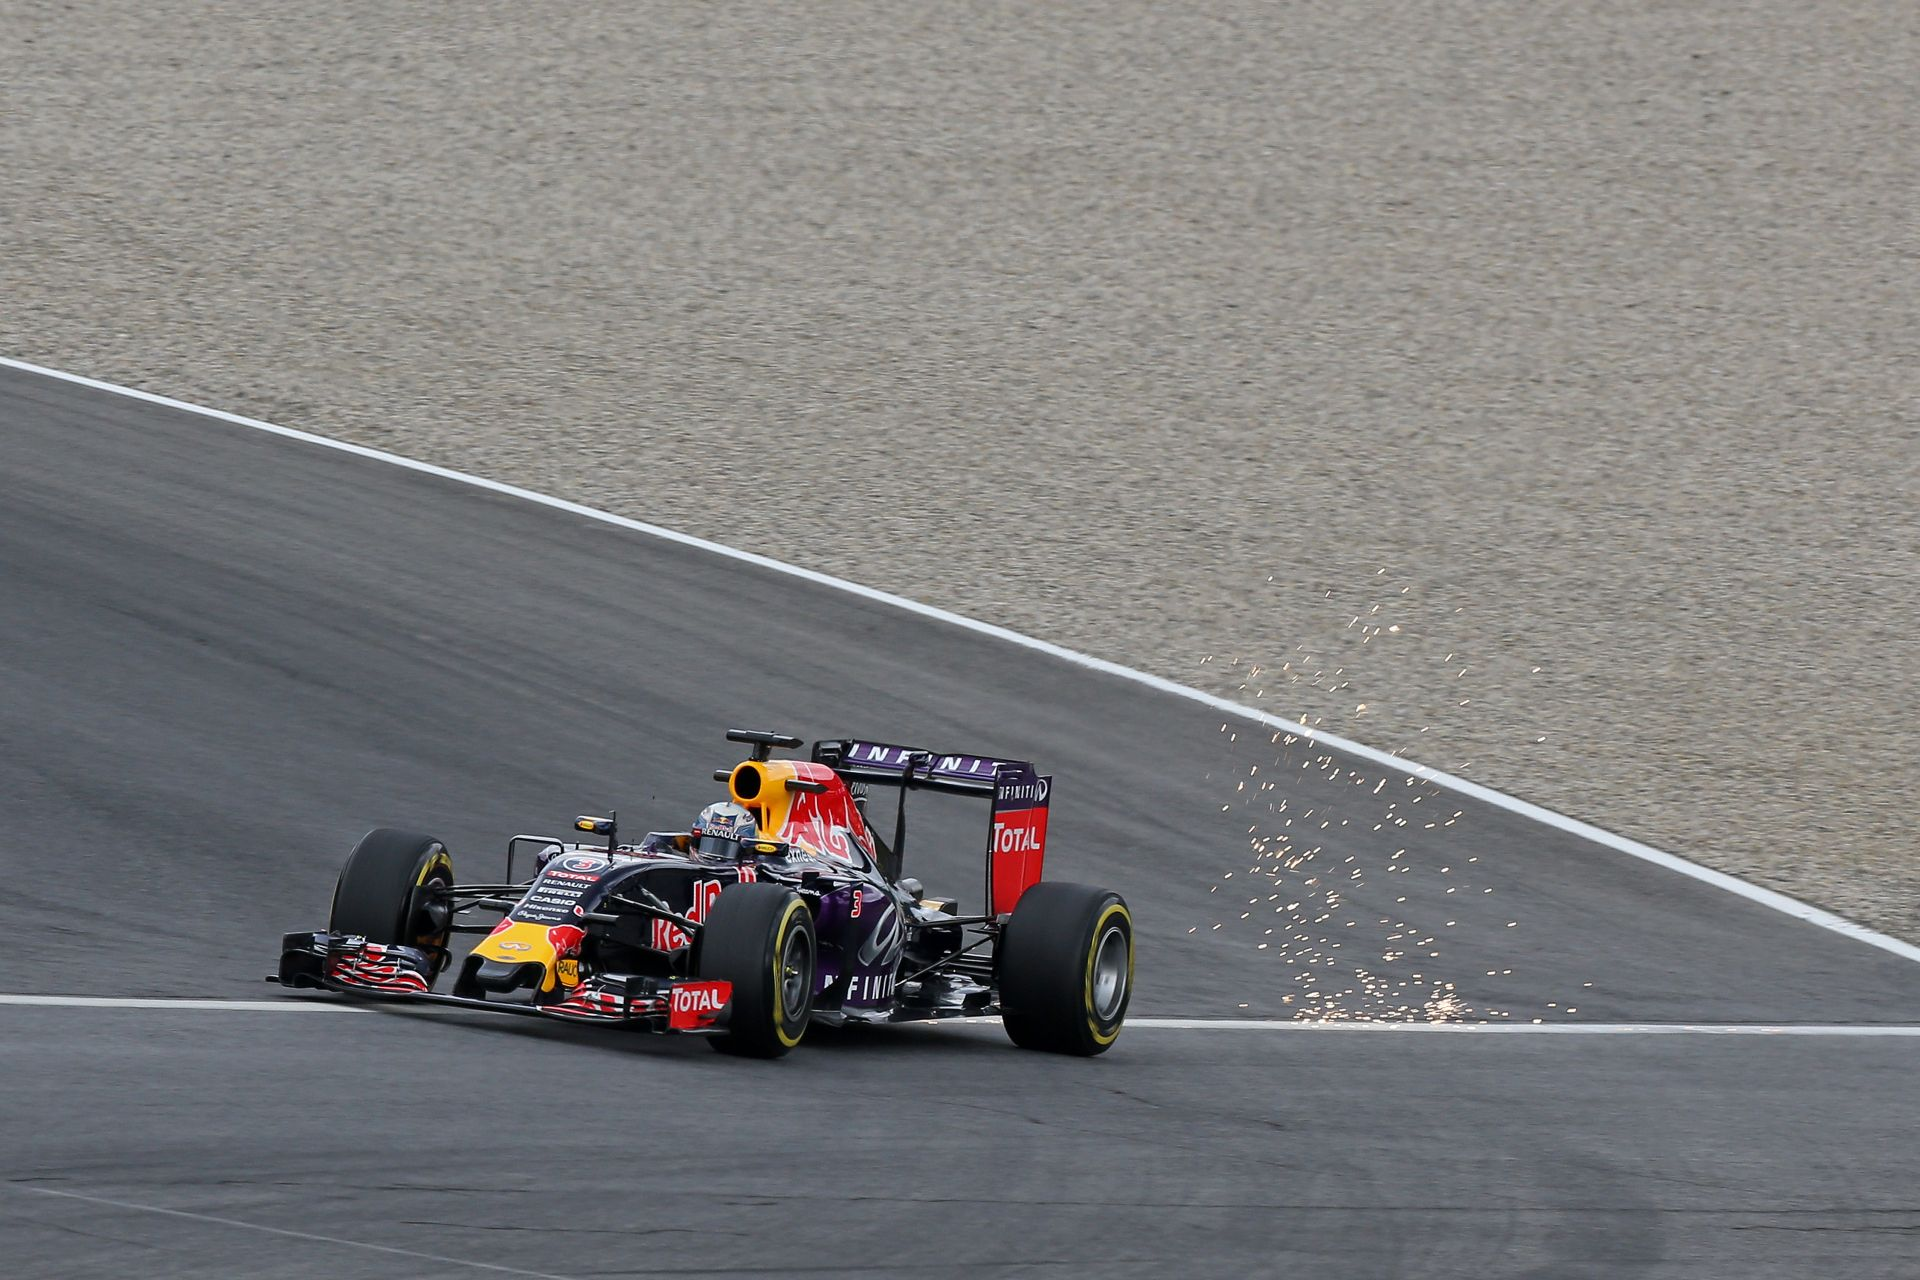 Ricciardo: A TOP 8 meglehet holnap, csak ma délután nem jött össze a Red Bull Ringen